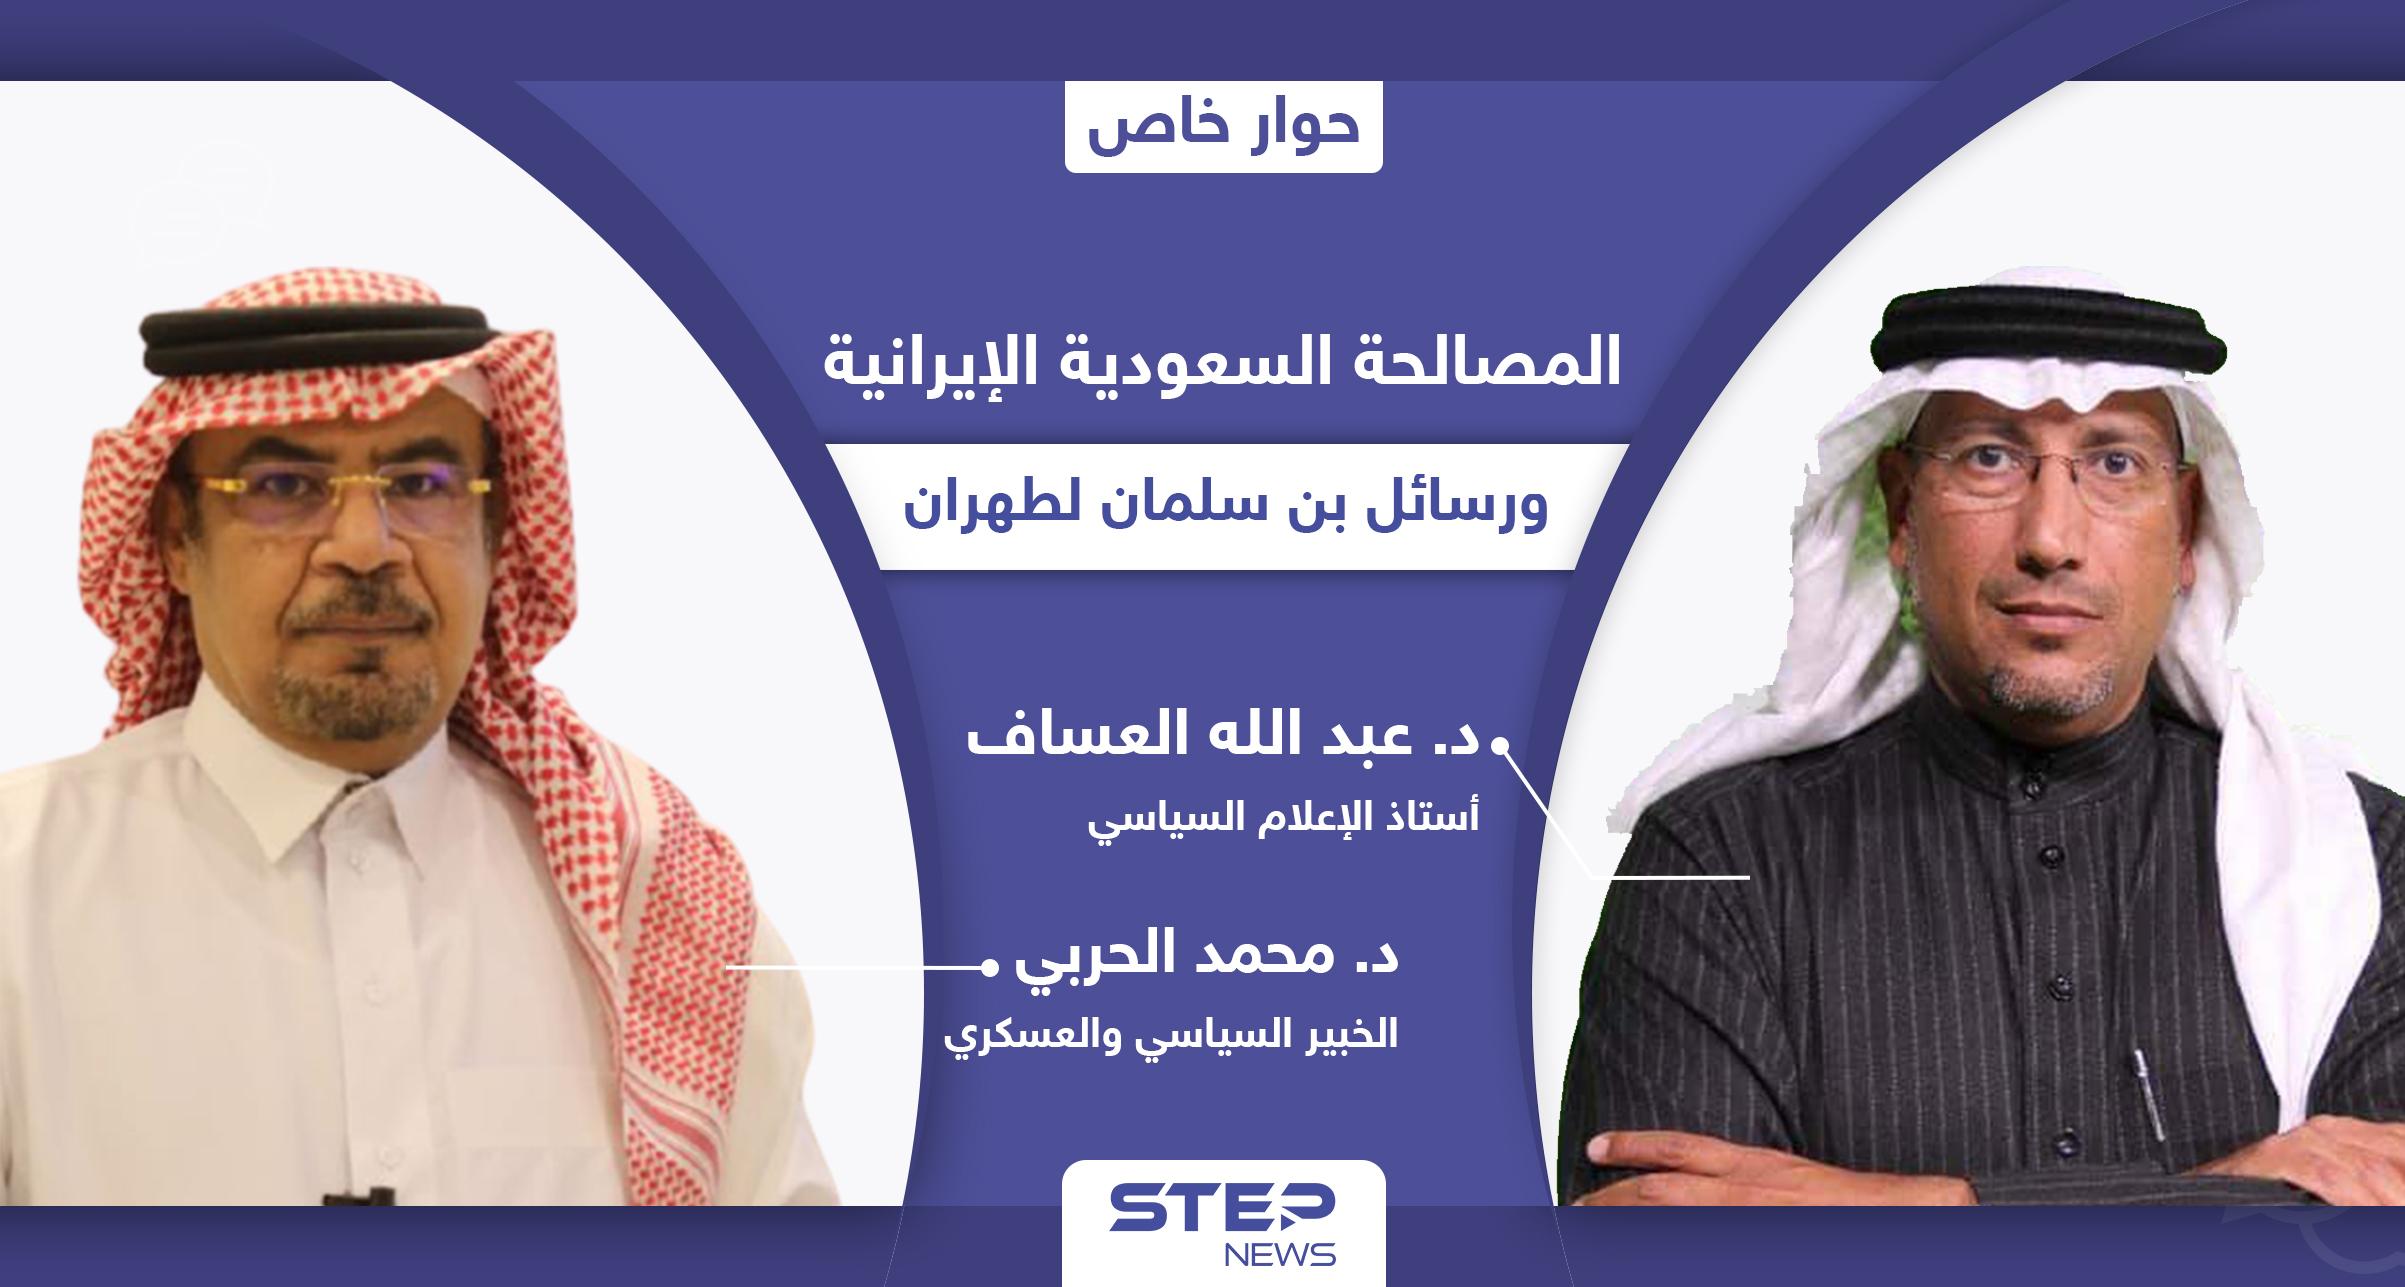 المصالحة السعودية الإيرانية.. ماهي رسائل محمد بن سلمان لطهران و3 ملفات مترابطة ستؤثر في المنطقة كلها